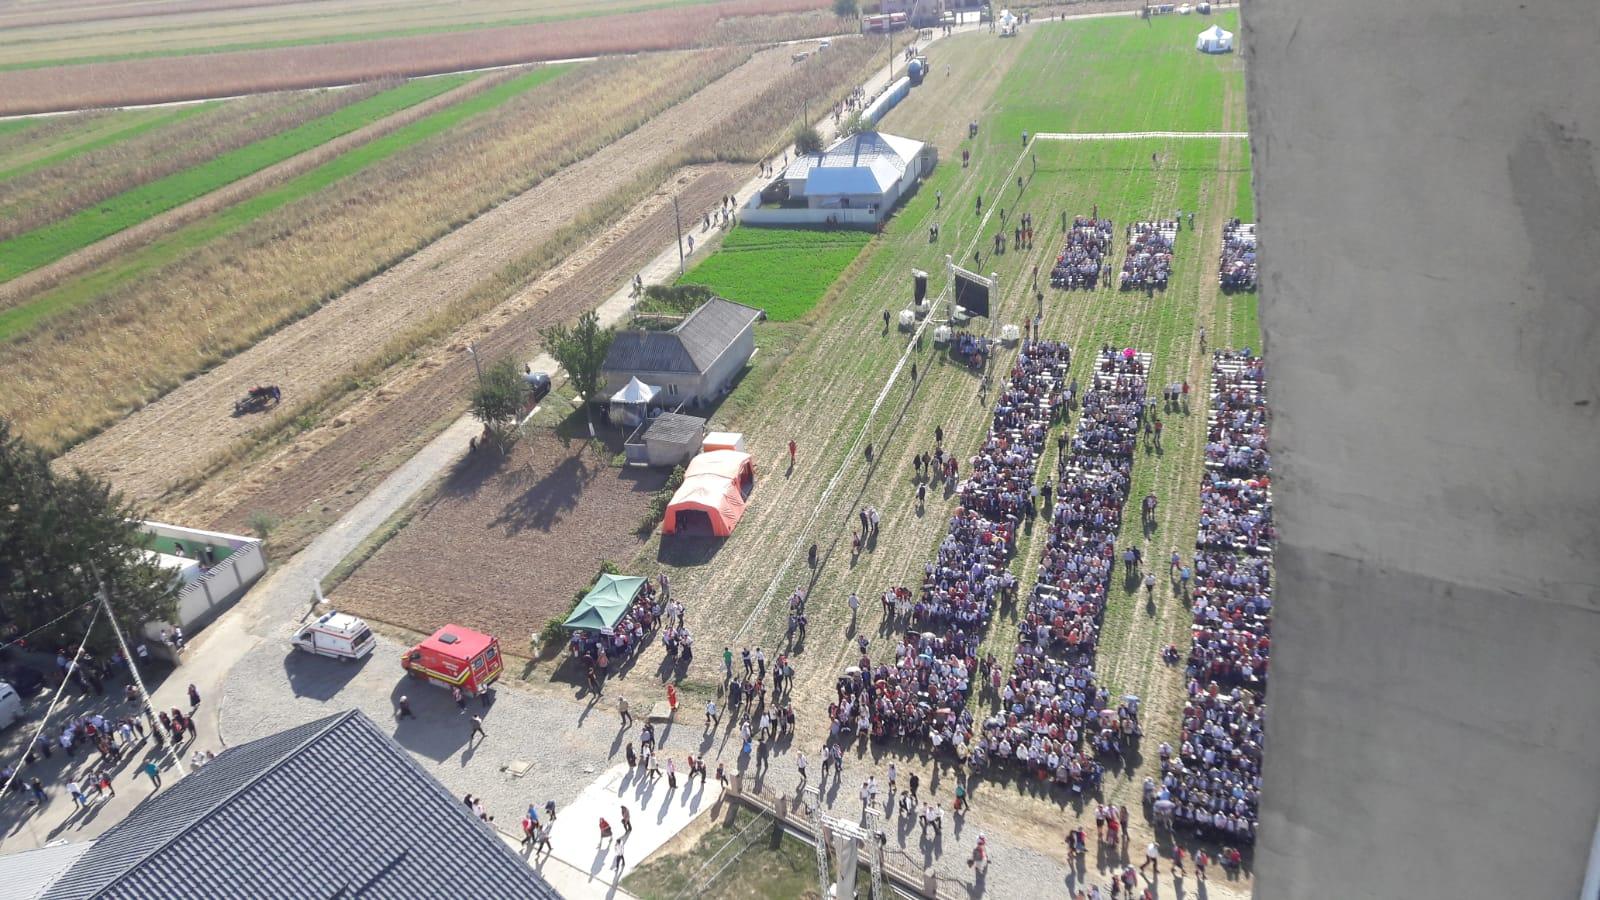 37 de persoane au avut nevoie de asistență medicală, la ceremonia religioasă de la Nisiporești